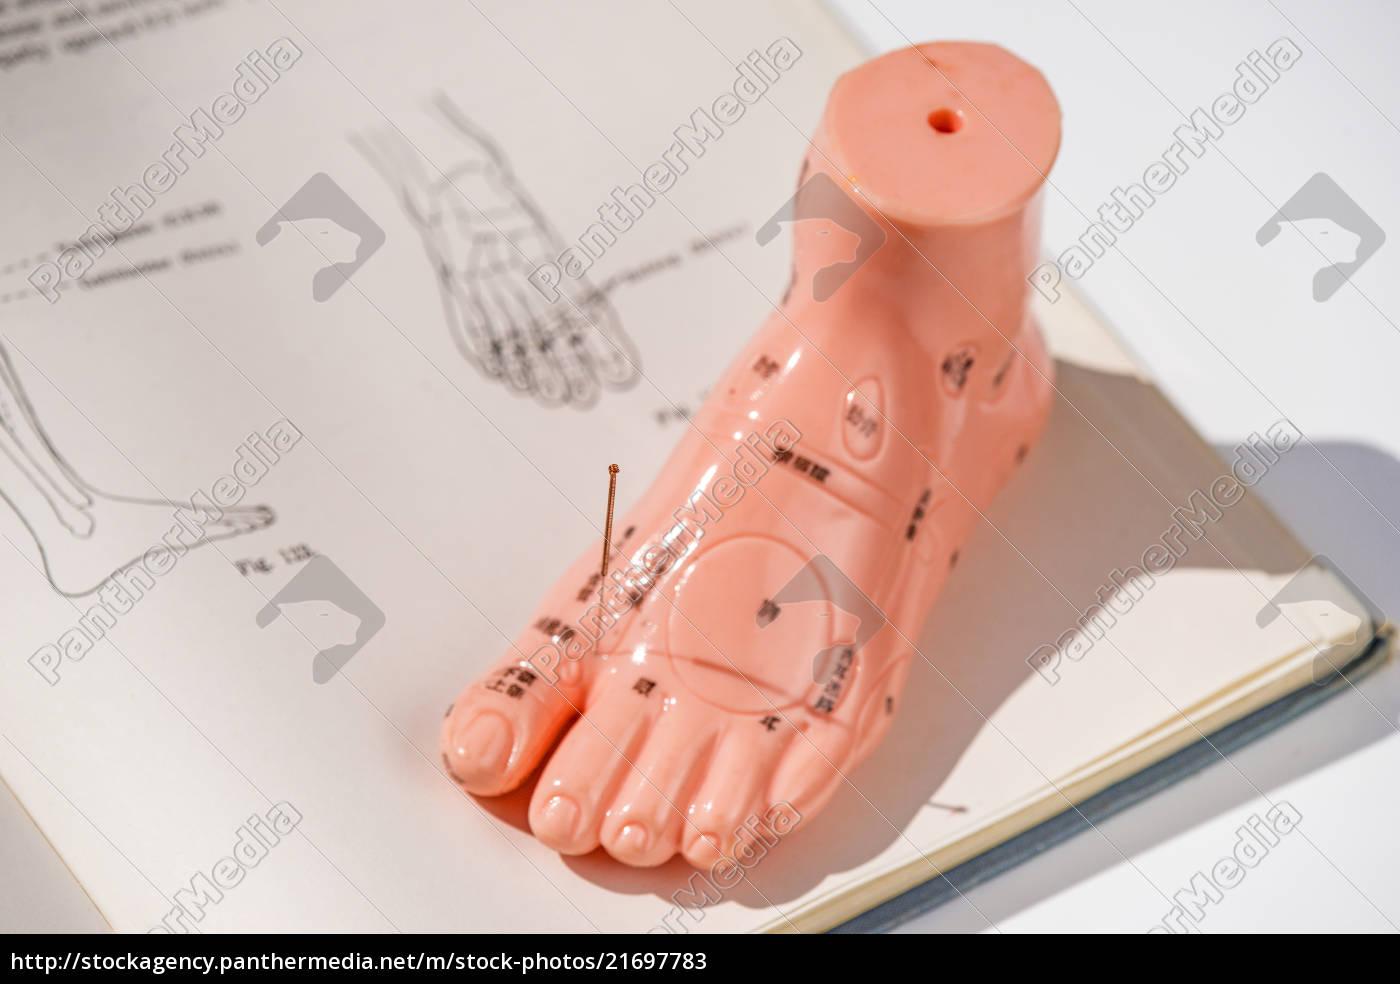 Acupuncture Apprenticeship - Acupuncture Acupressure Points